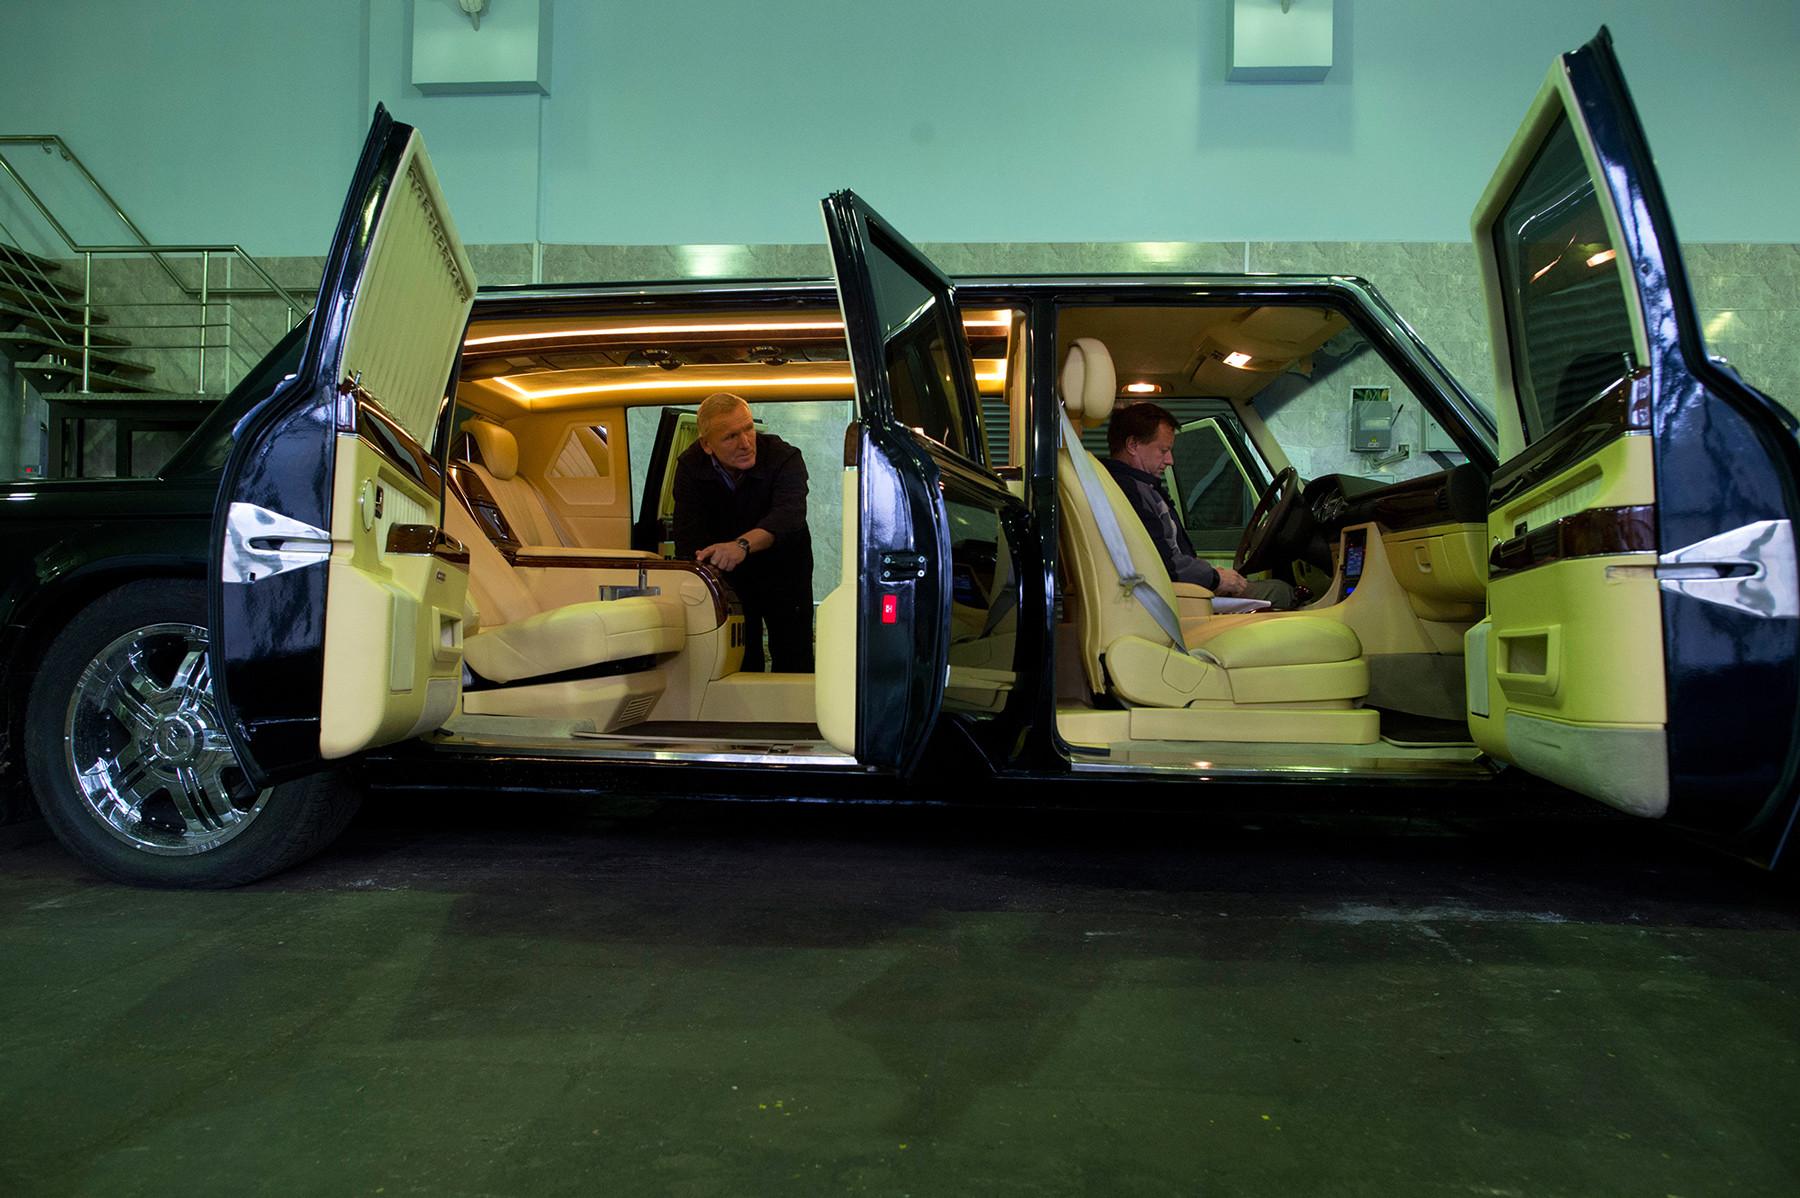 新しいビジネスクラスの自動車、ZiL-4112R。リハチョフ記念工場の組立ショップにて。モスクワ、2012年。